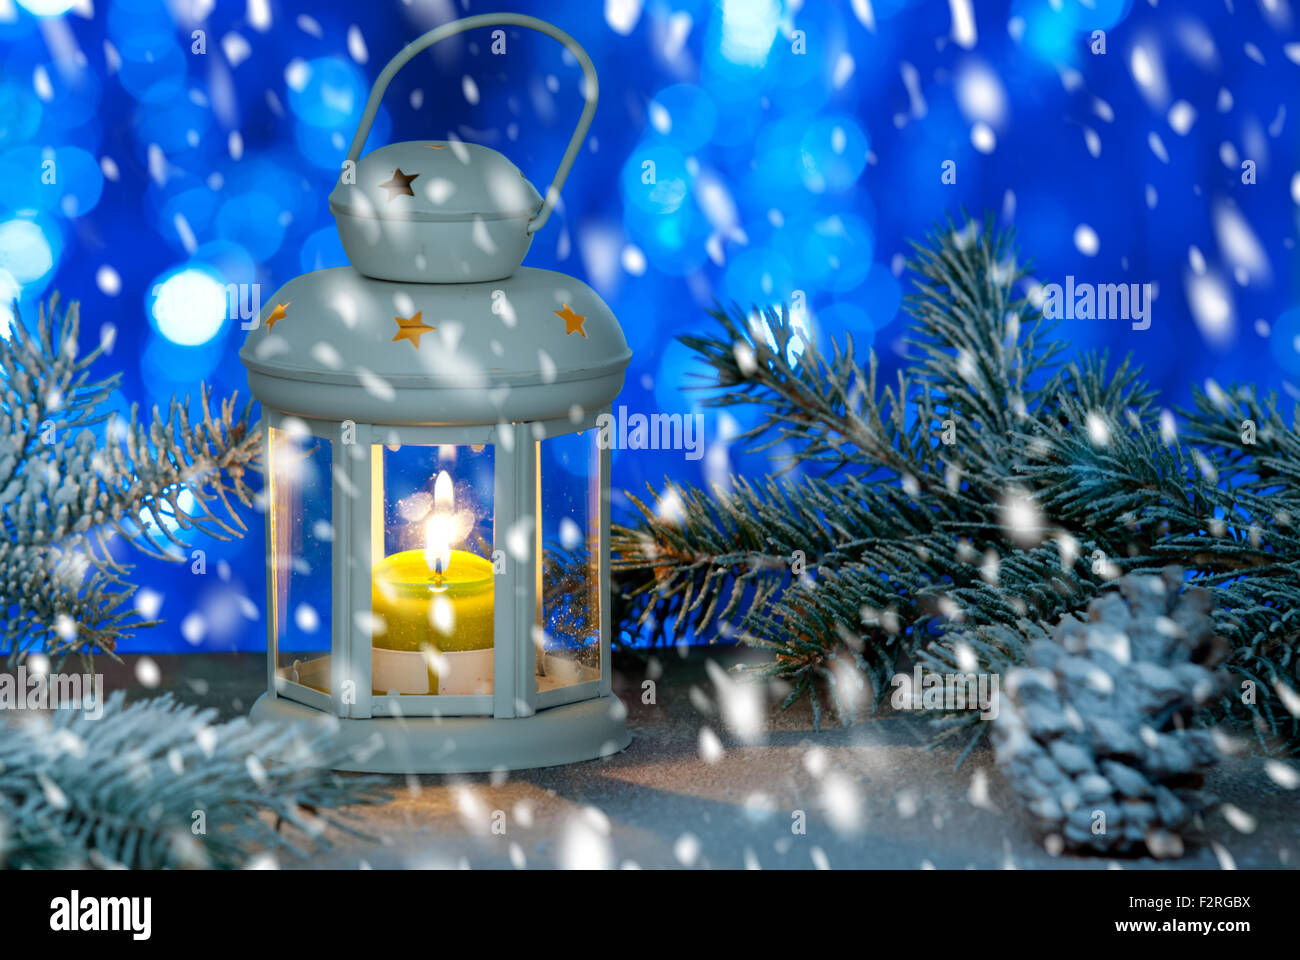 Foto Con La Neve Di Natale.Ancora In Vita Con La Lanterna Di Natale Con La Neve Foto Stock Alamy